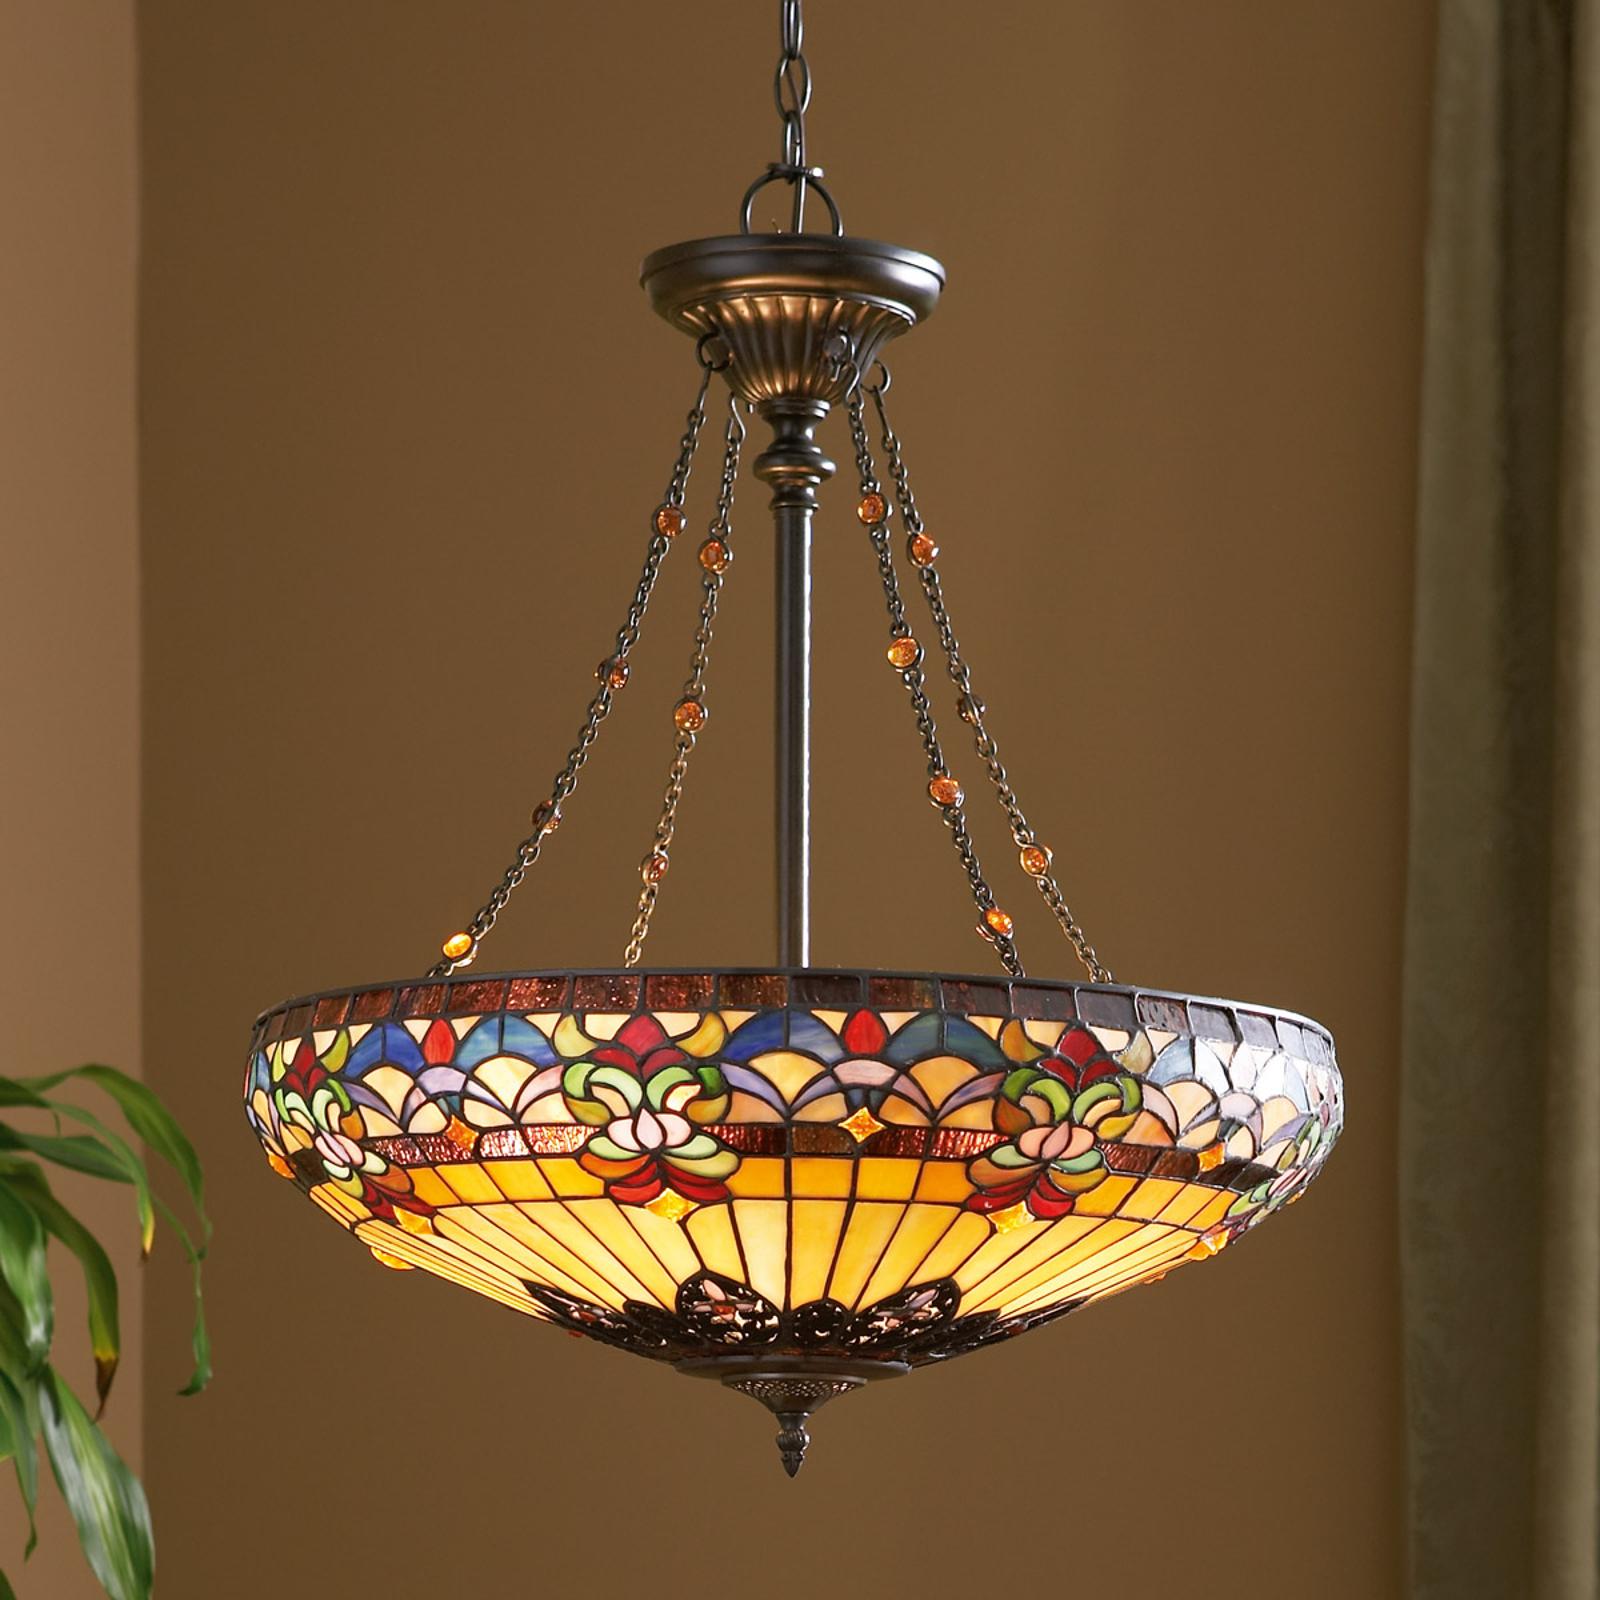 Lámpara de suspensión rica en detalles Belle Fleur